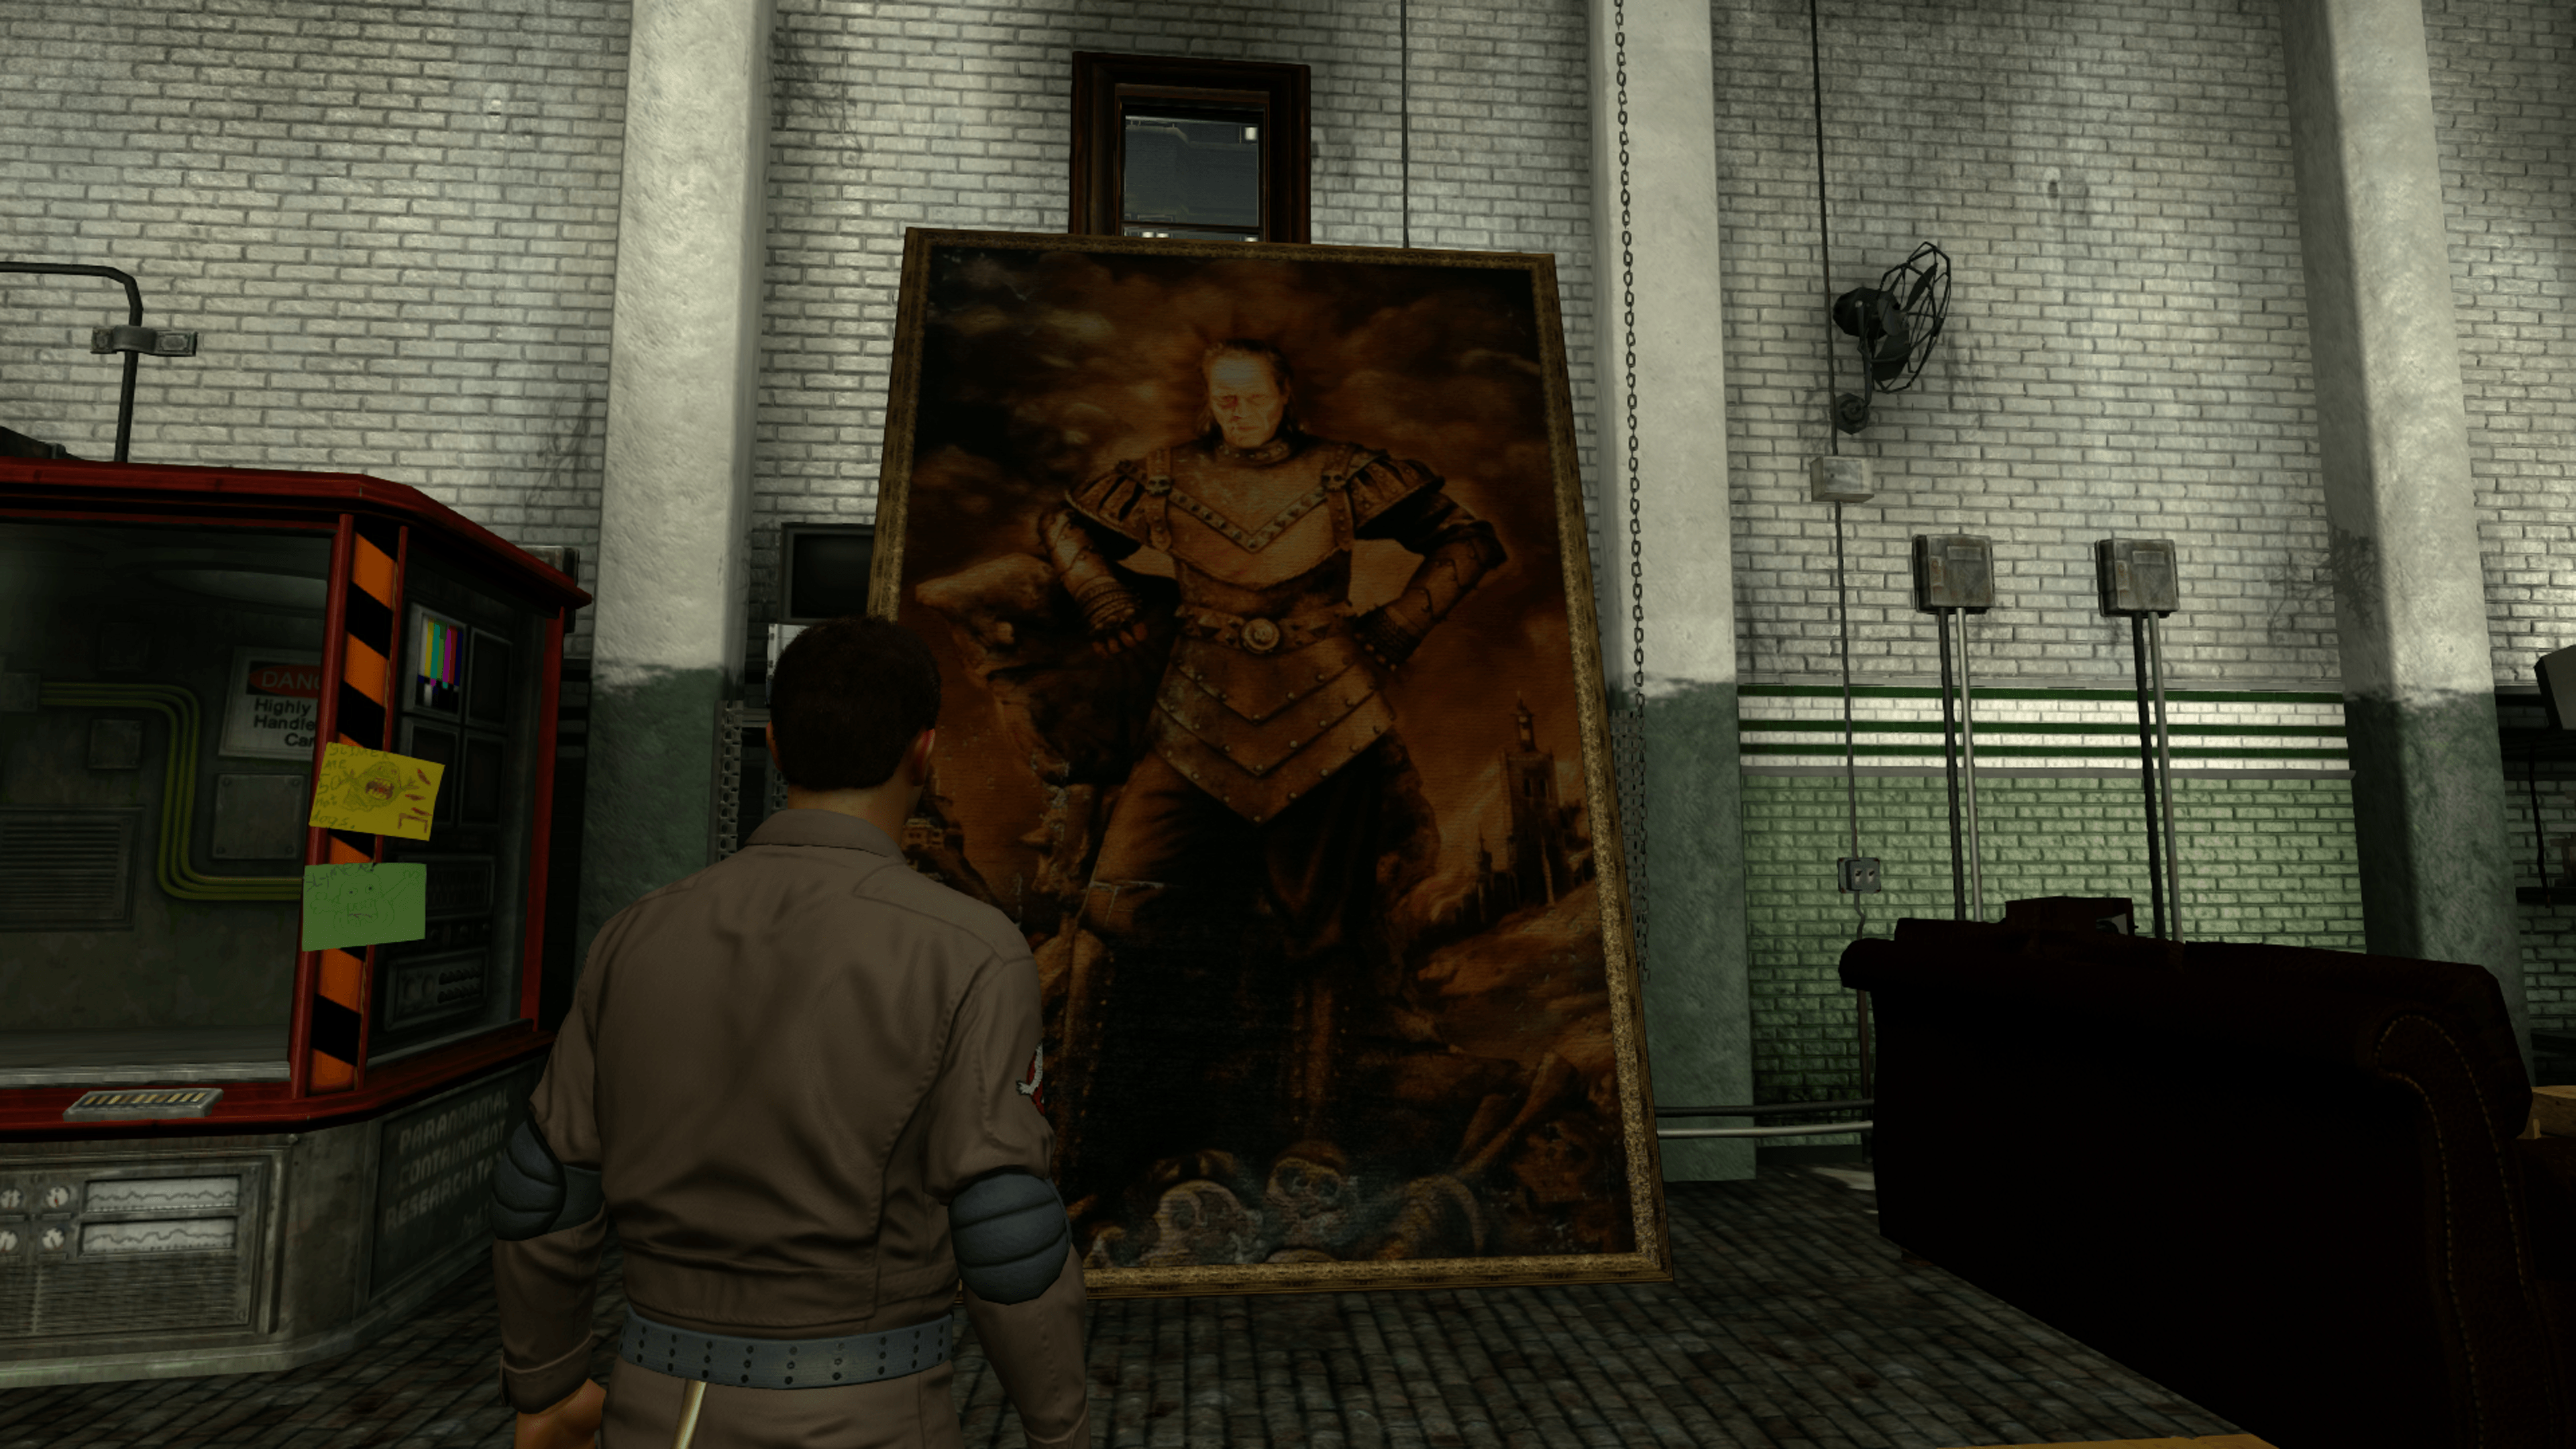 La peinture de Vigo, le vilain du deuxième film, se trouve dans la caserne des Ghostbusters.